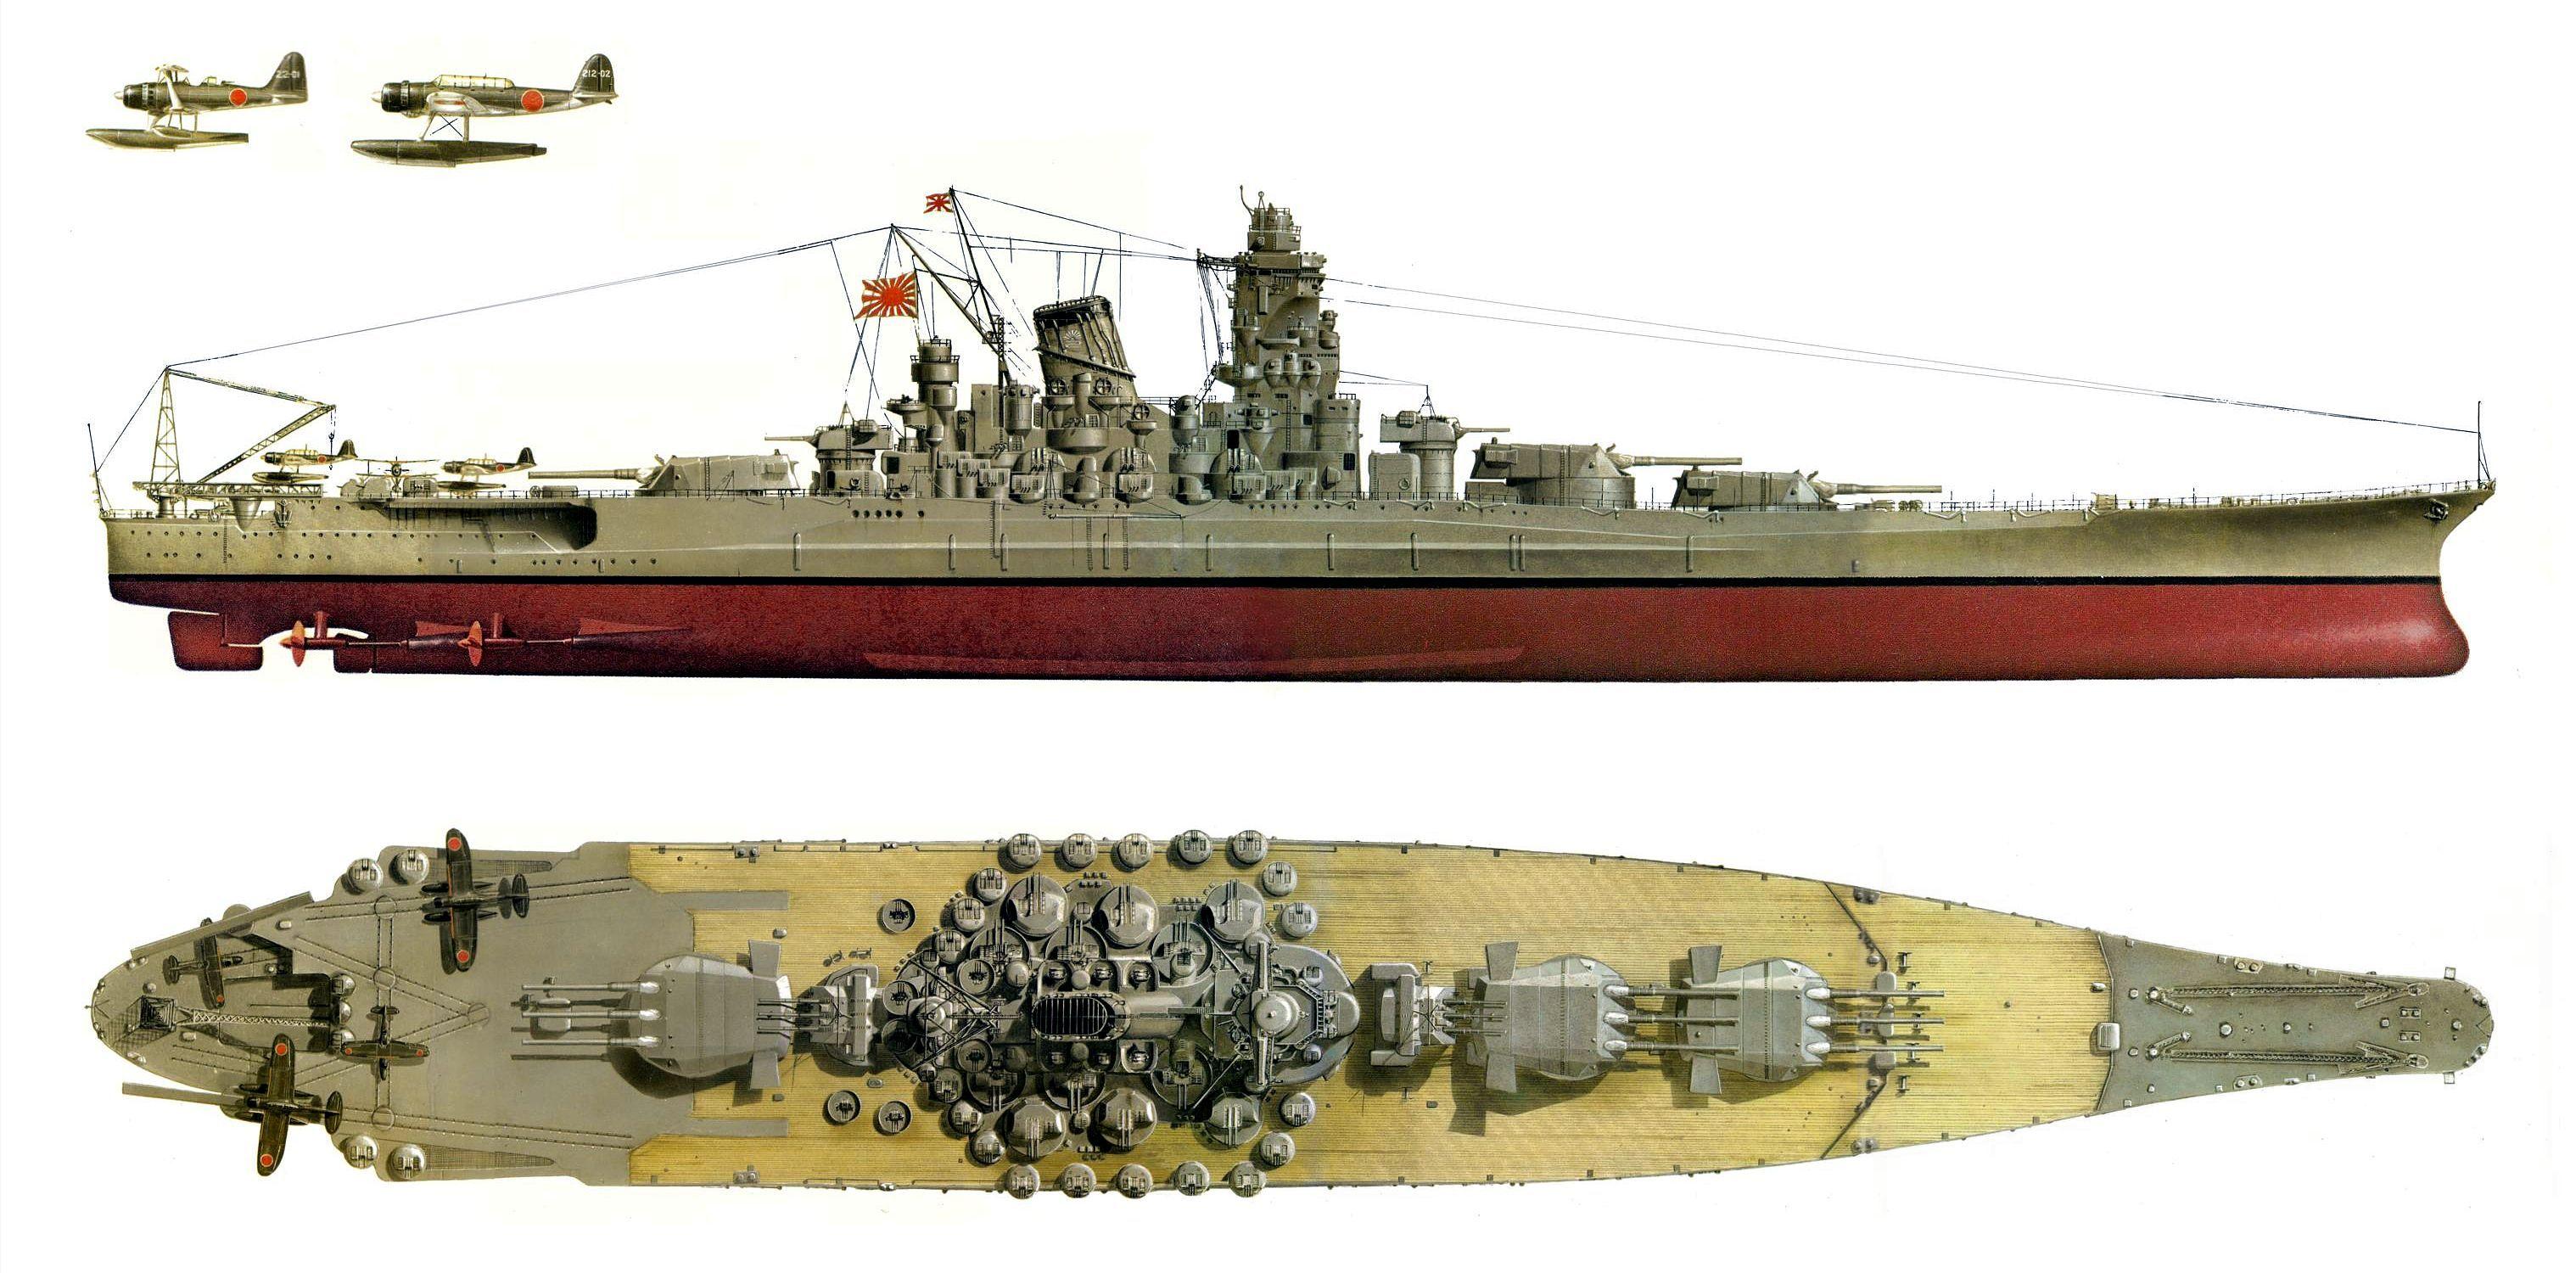 Yamato Battleship Wwii Wwwpixsharkcom Images